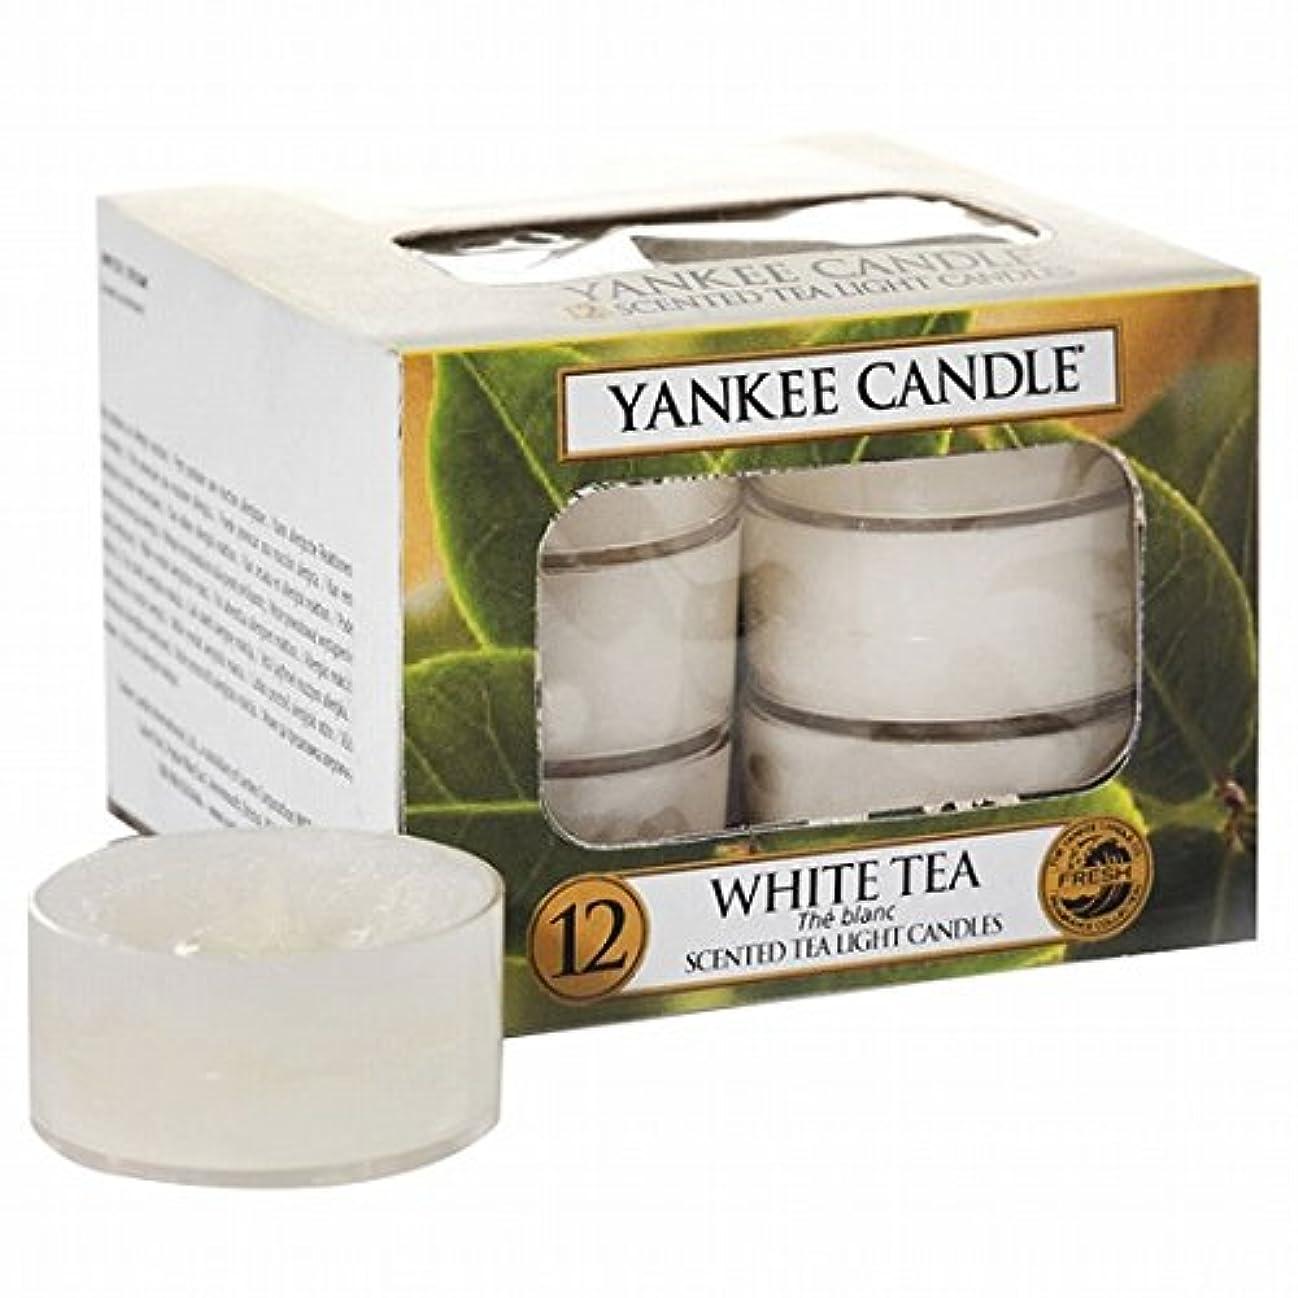 同等の恩赦悪いYANKEE CANDLE(ヤンキーキャンドル) YANKEE CANDLE クリアカップティーライト12個入り 「ホワイトティー」(K00505277)